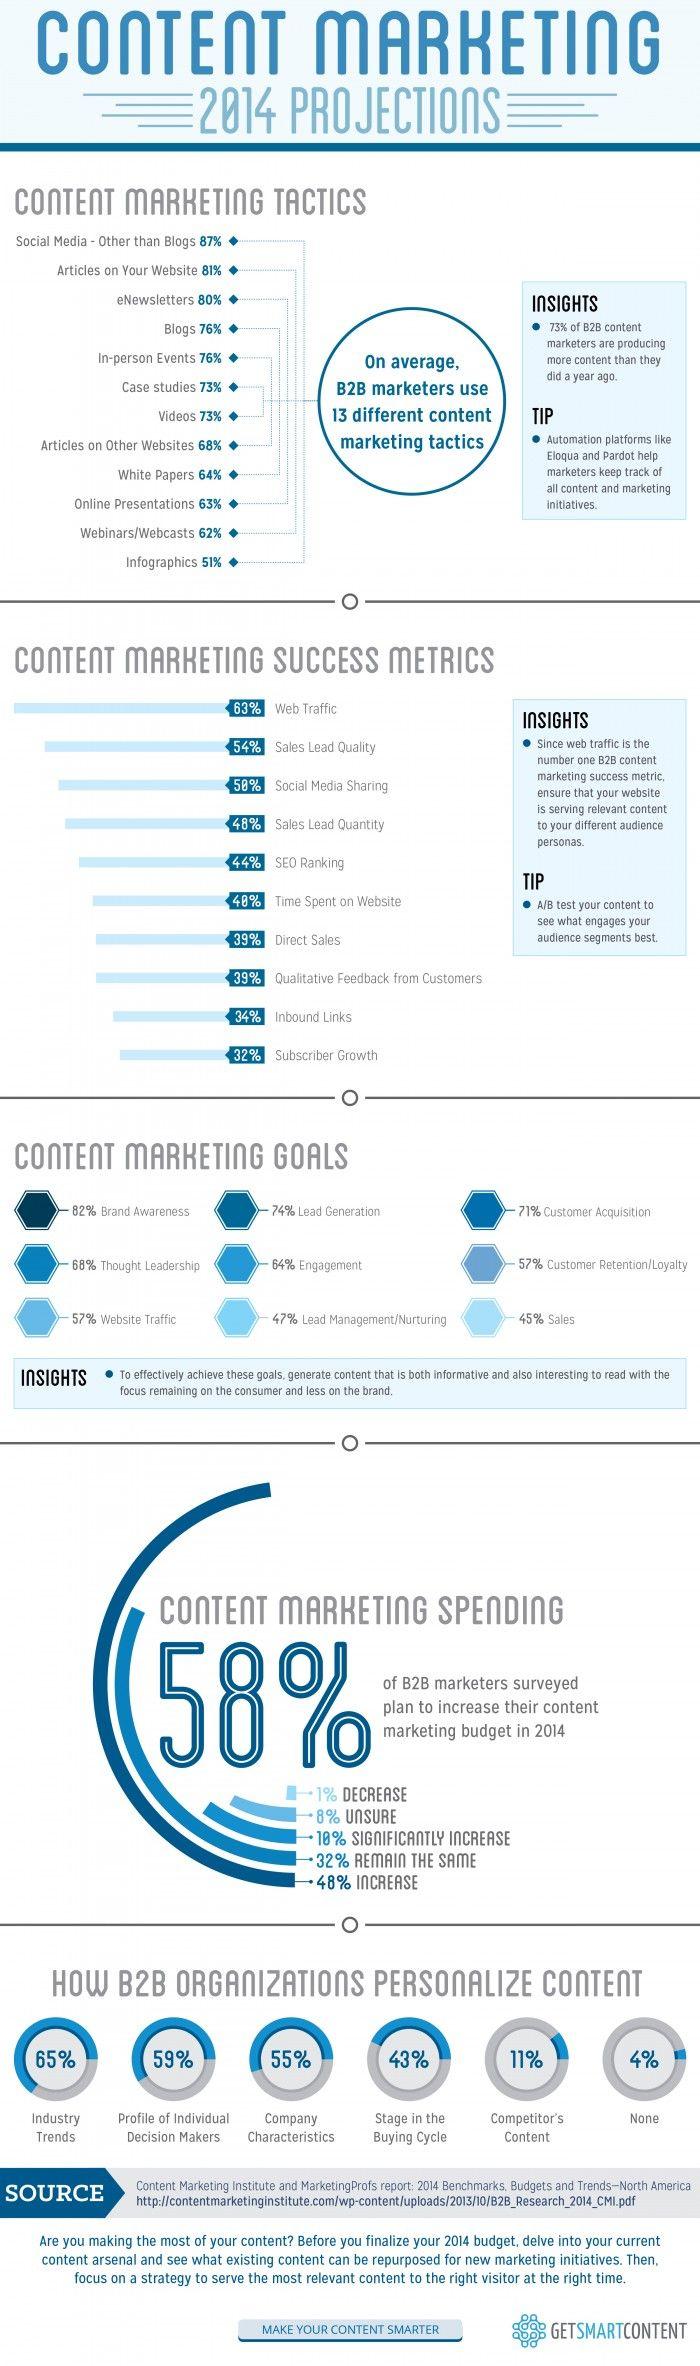 Content Marketing B2B: tutte le previsioni su tattiche, metriche di misurazione e obiettivi per le attività di content marketing nel settore B2B nel 2014